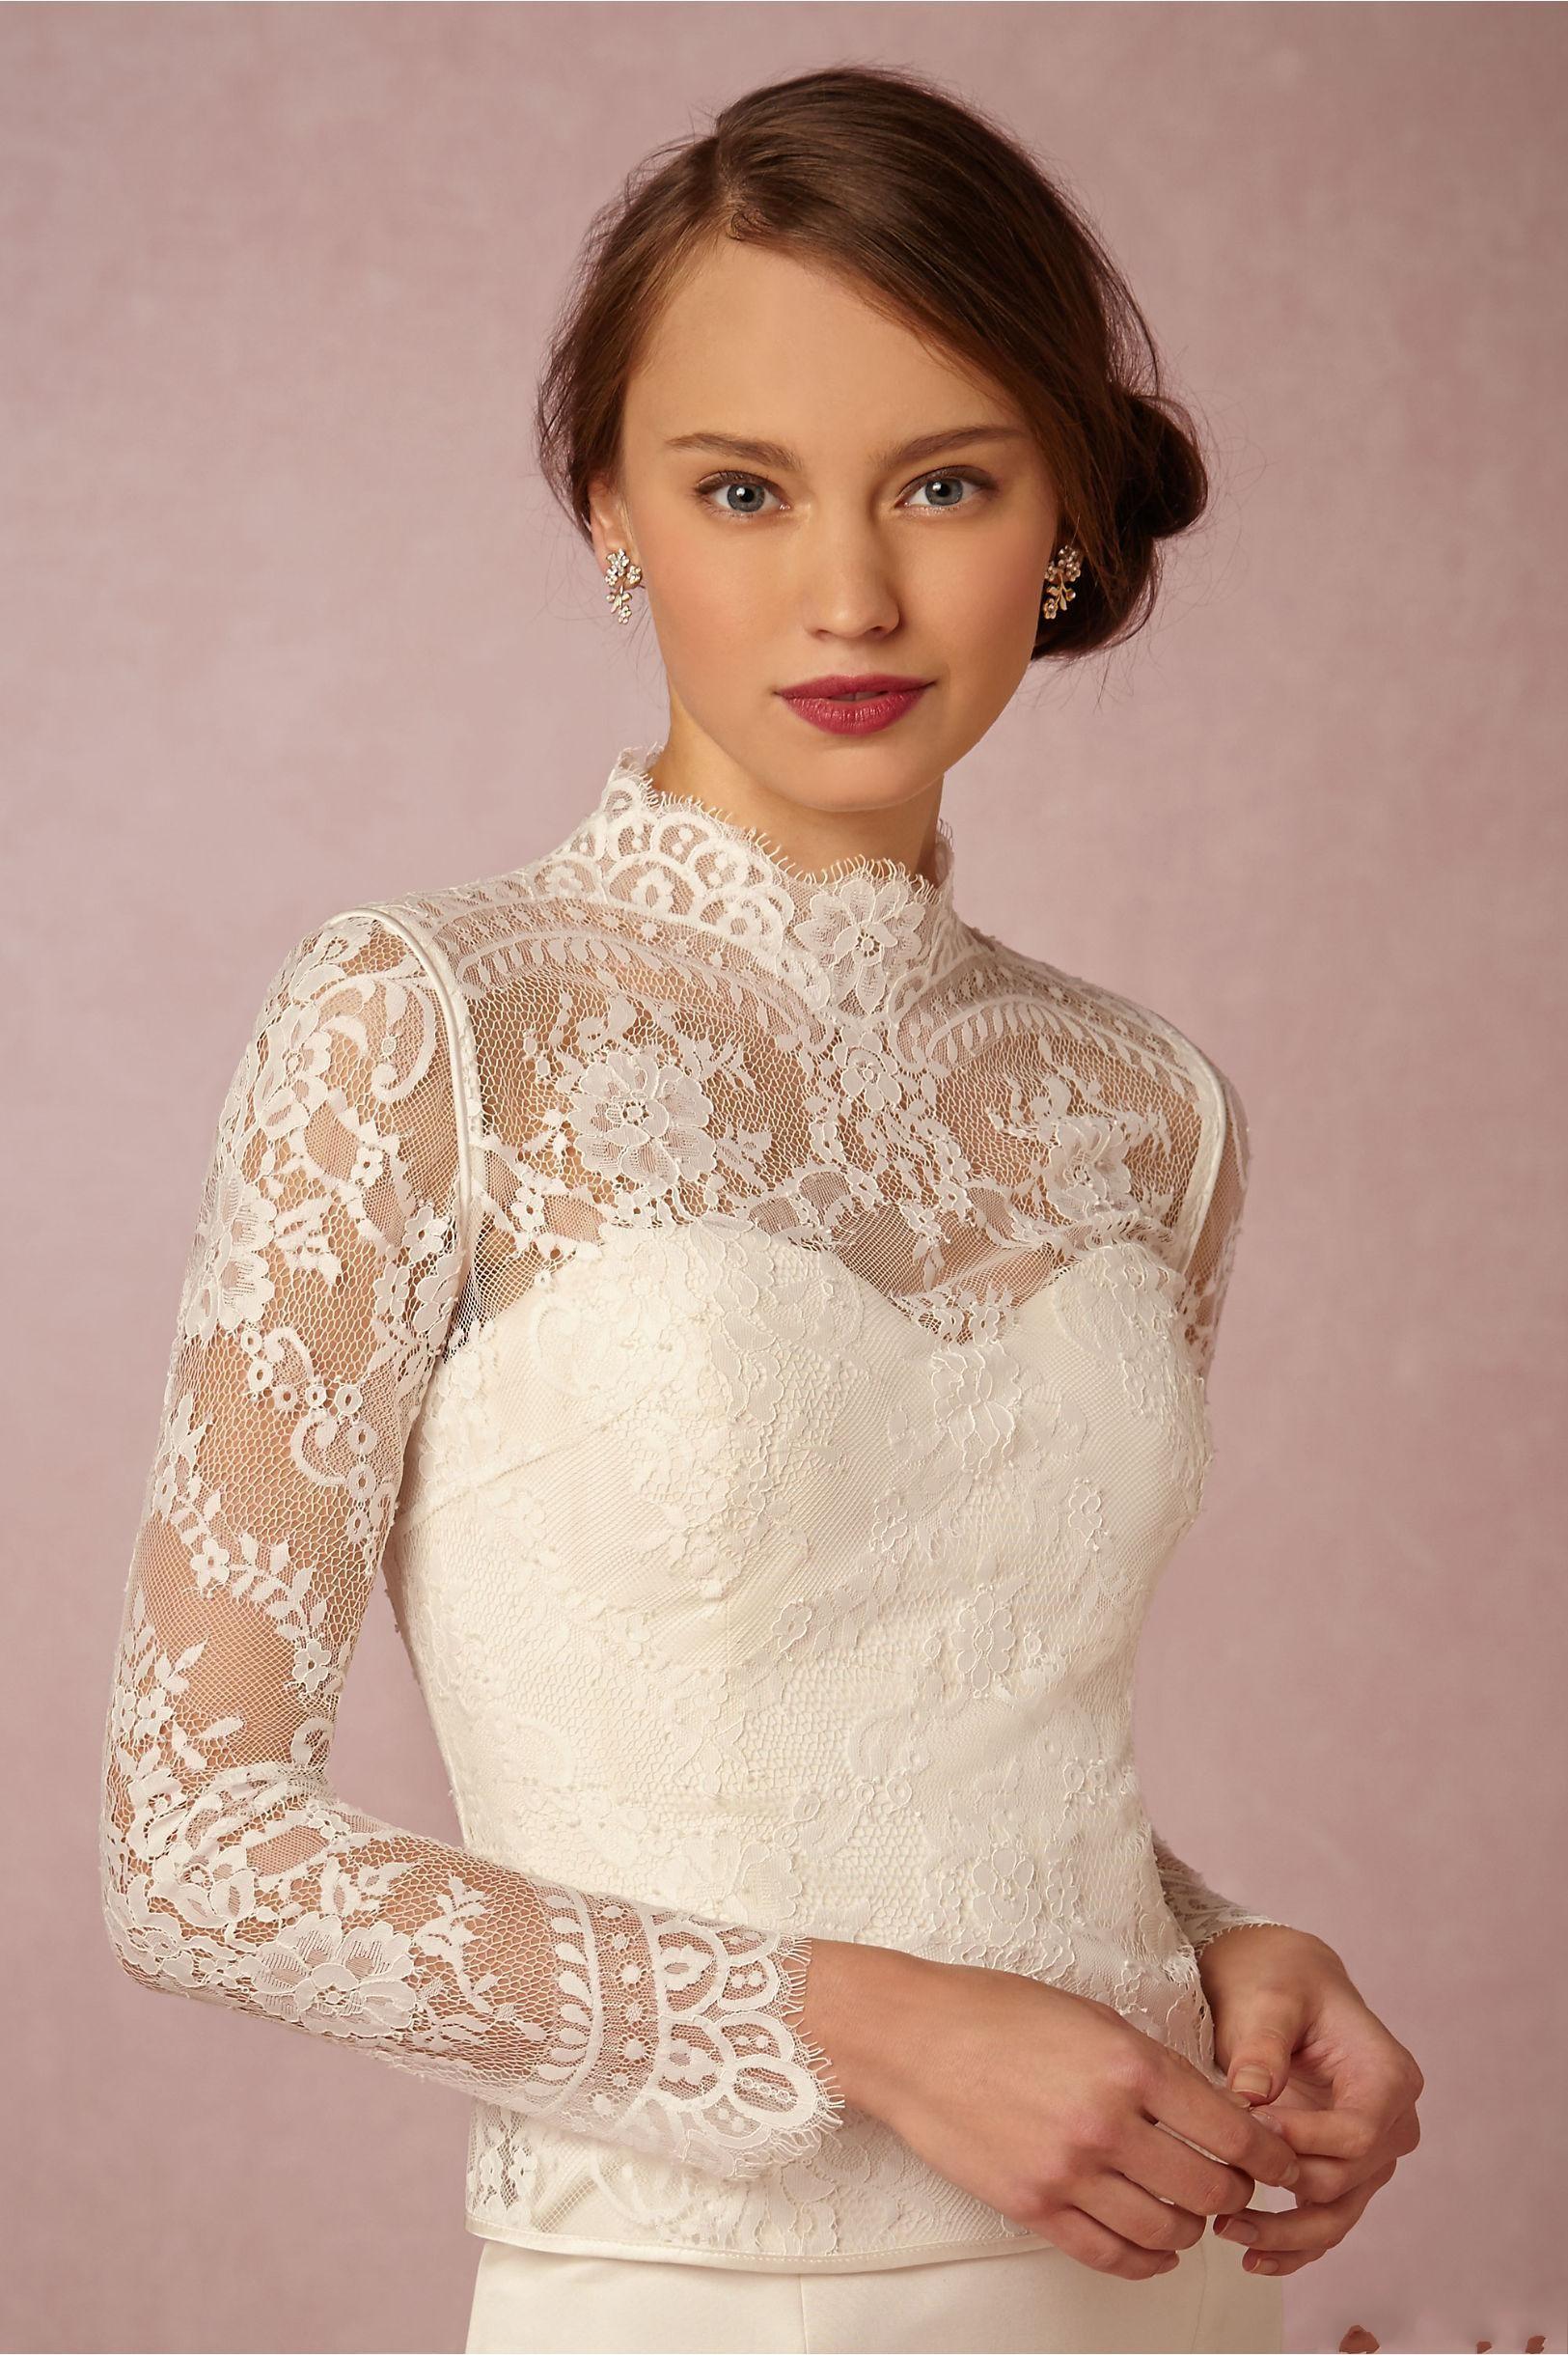 2020 à col de mariée Wraps Manches longues mariage Applique dentelle boutons Vestes pas cher mariée veste boléro taille plus fait sur mesure